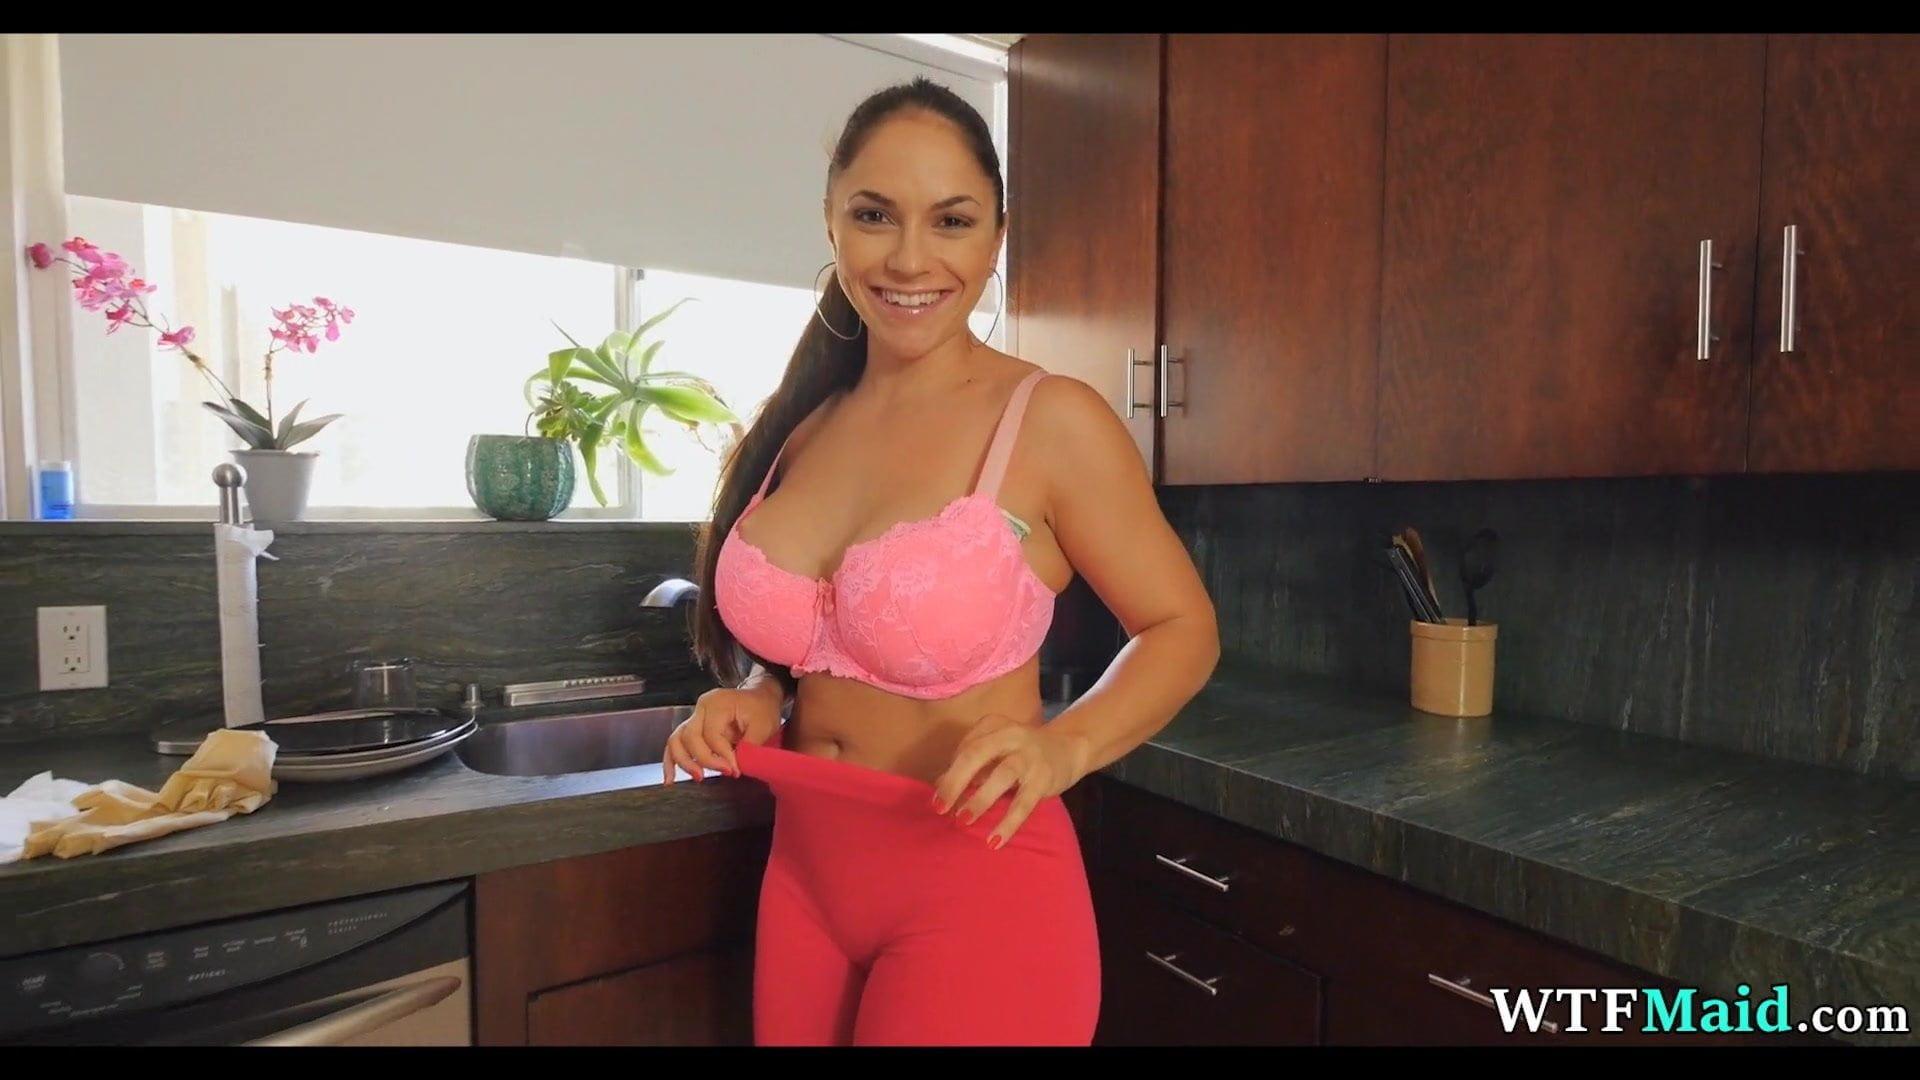 Big Ass Latina Fucks Dildo